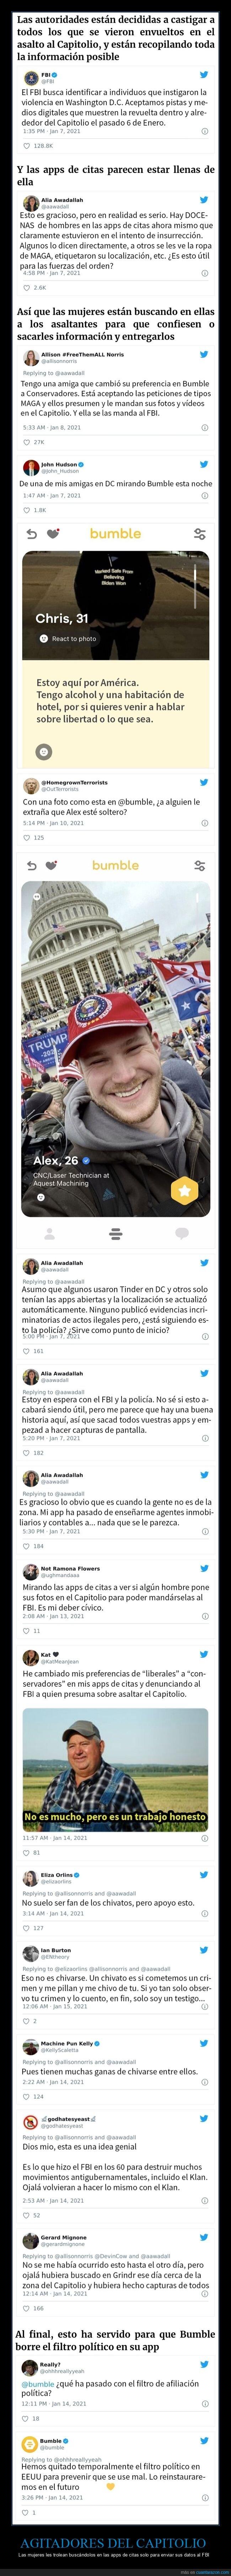 apps de citas,capitolio,fbi